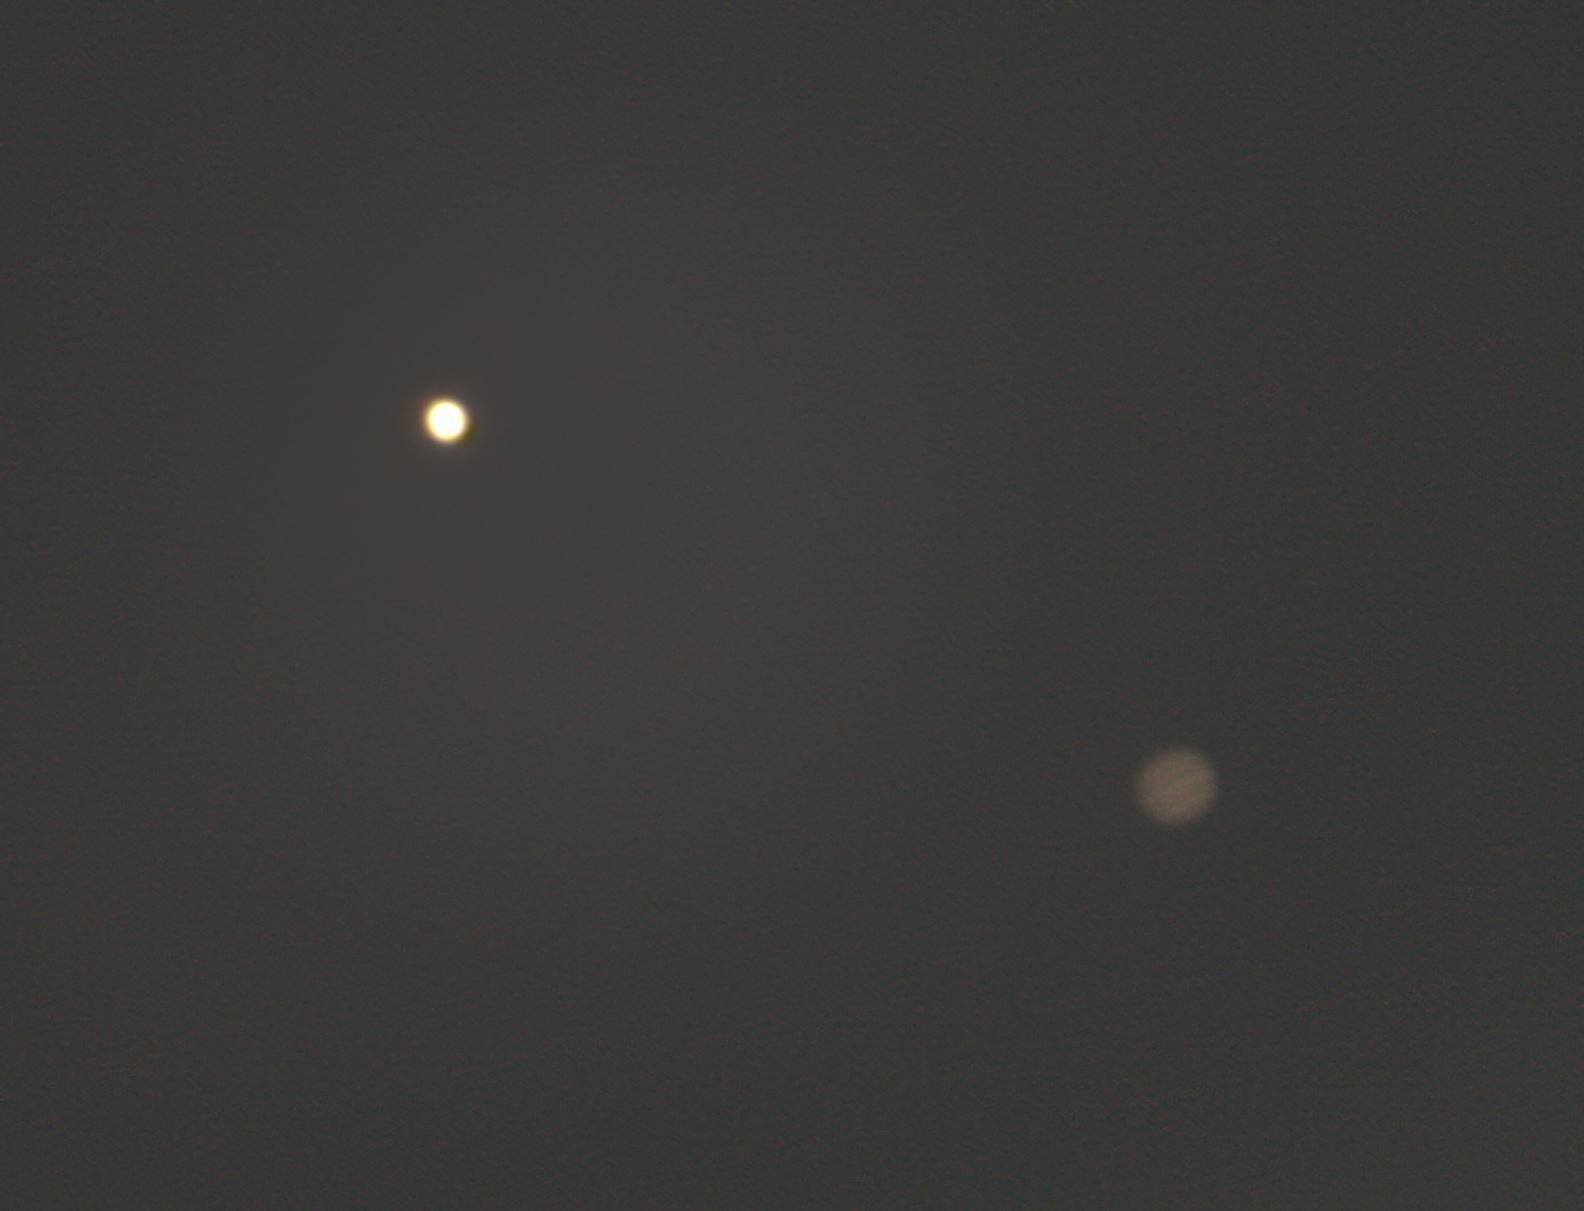 Jupiter/Venus Conjunction